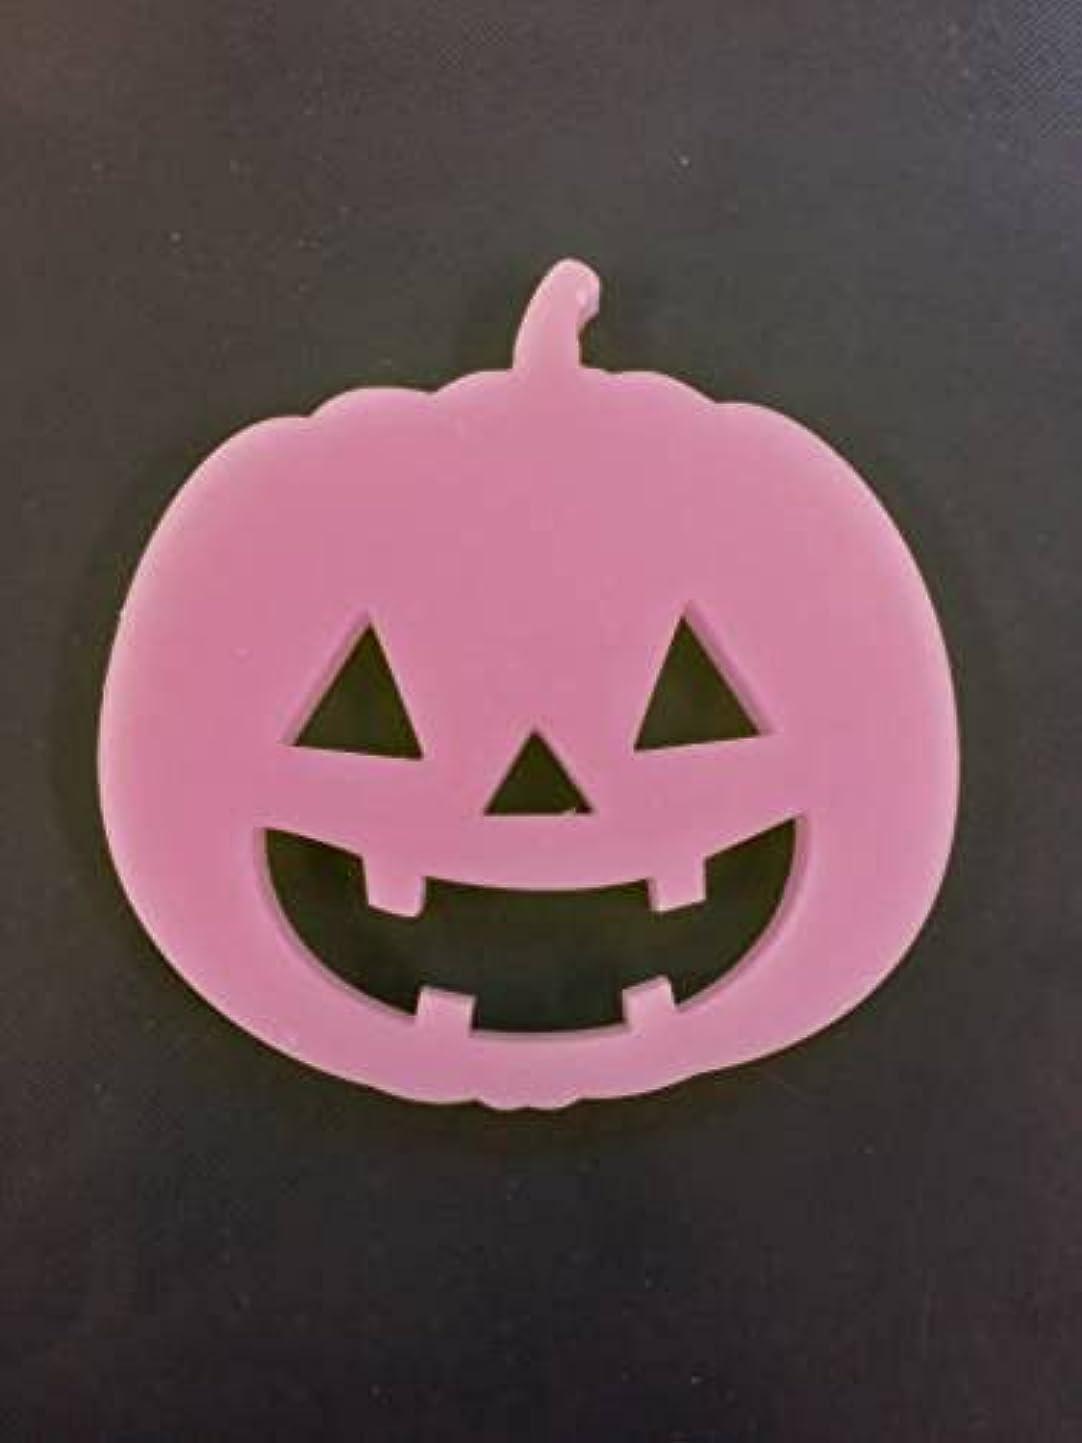 デマンド南聴衆GRASSE TOKYO AROMATICWAXチャーム「ハロウィンかぼちゃ」(PI) ゼラニウム アロマティックワックス グラーストウキョウ